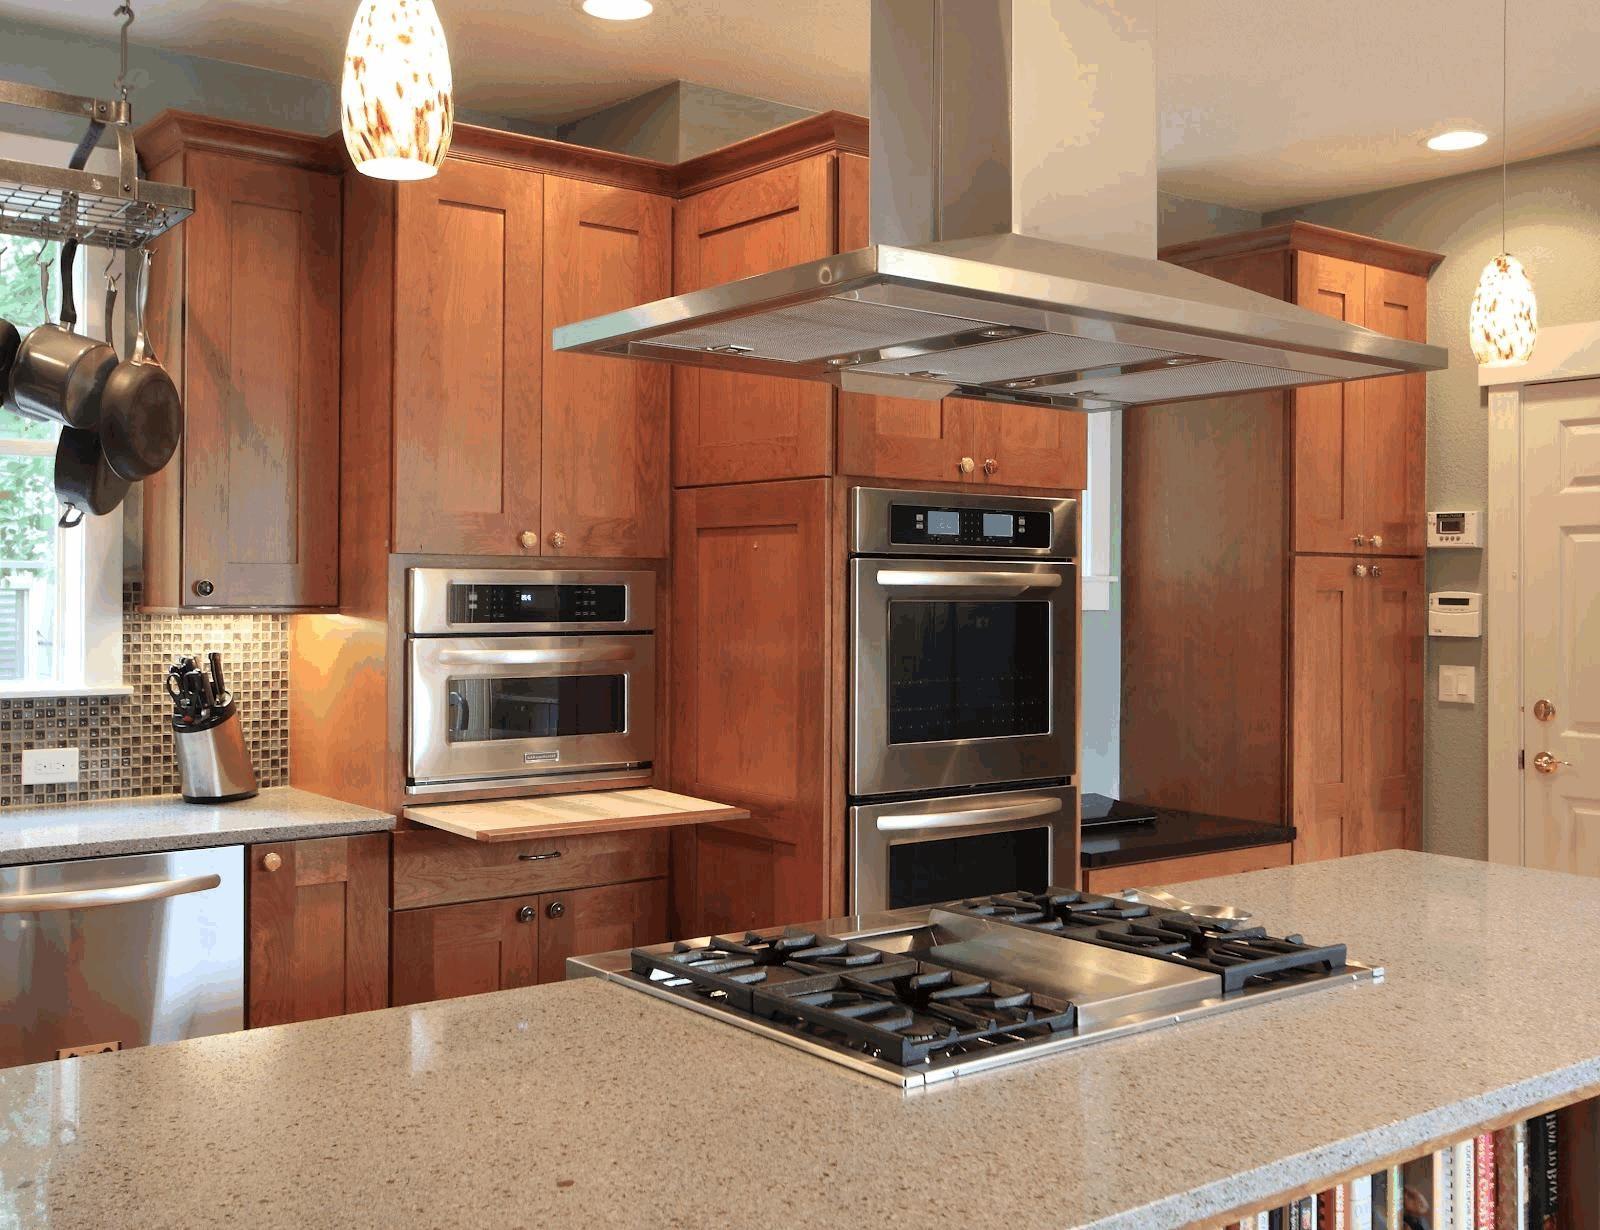 Glamorous Kuche Insel Mit Ofen Ideen Die Sie Jetzt Brauchen